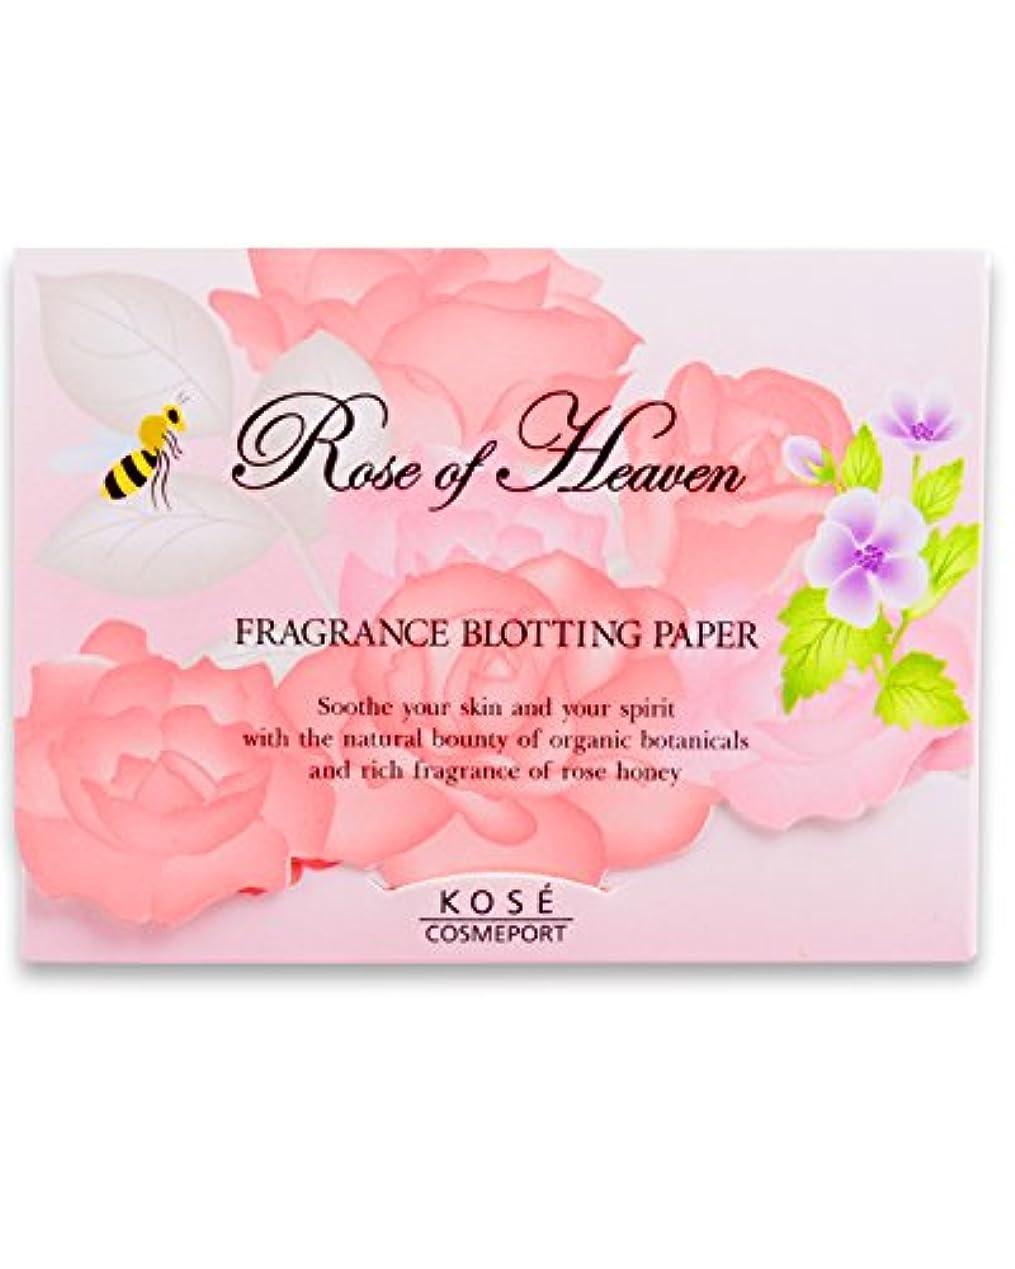 部分インフレーション国勢調査KOSE Rose of Heaven(ローズオブヘブン) フレグランス ブロッティングペーパー (あぶらとり紙) 70枚入